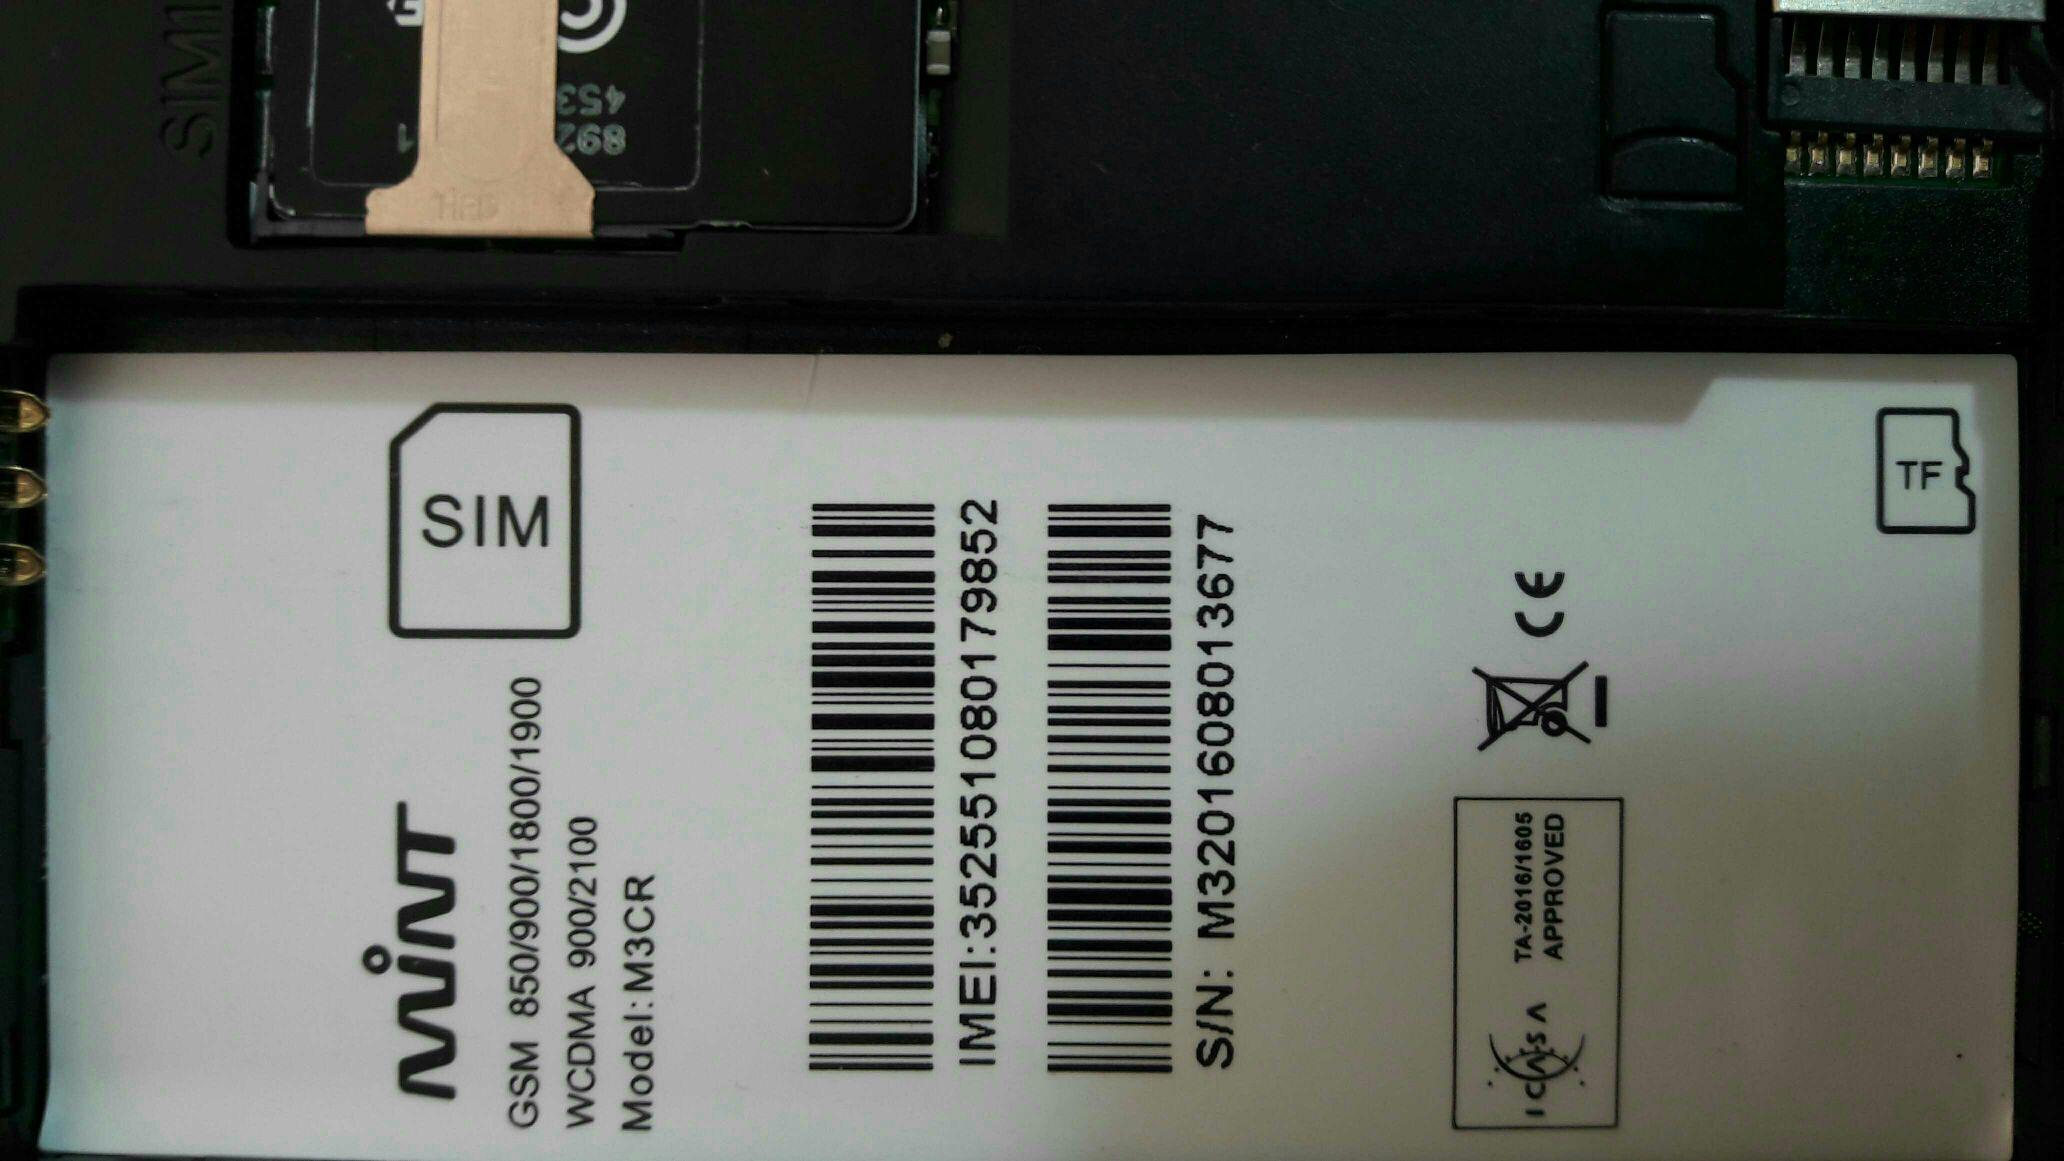 New phone MINT m3cr frp [ANS]WERED - GSM-Forum